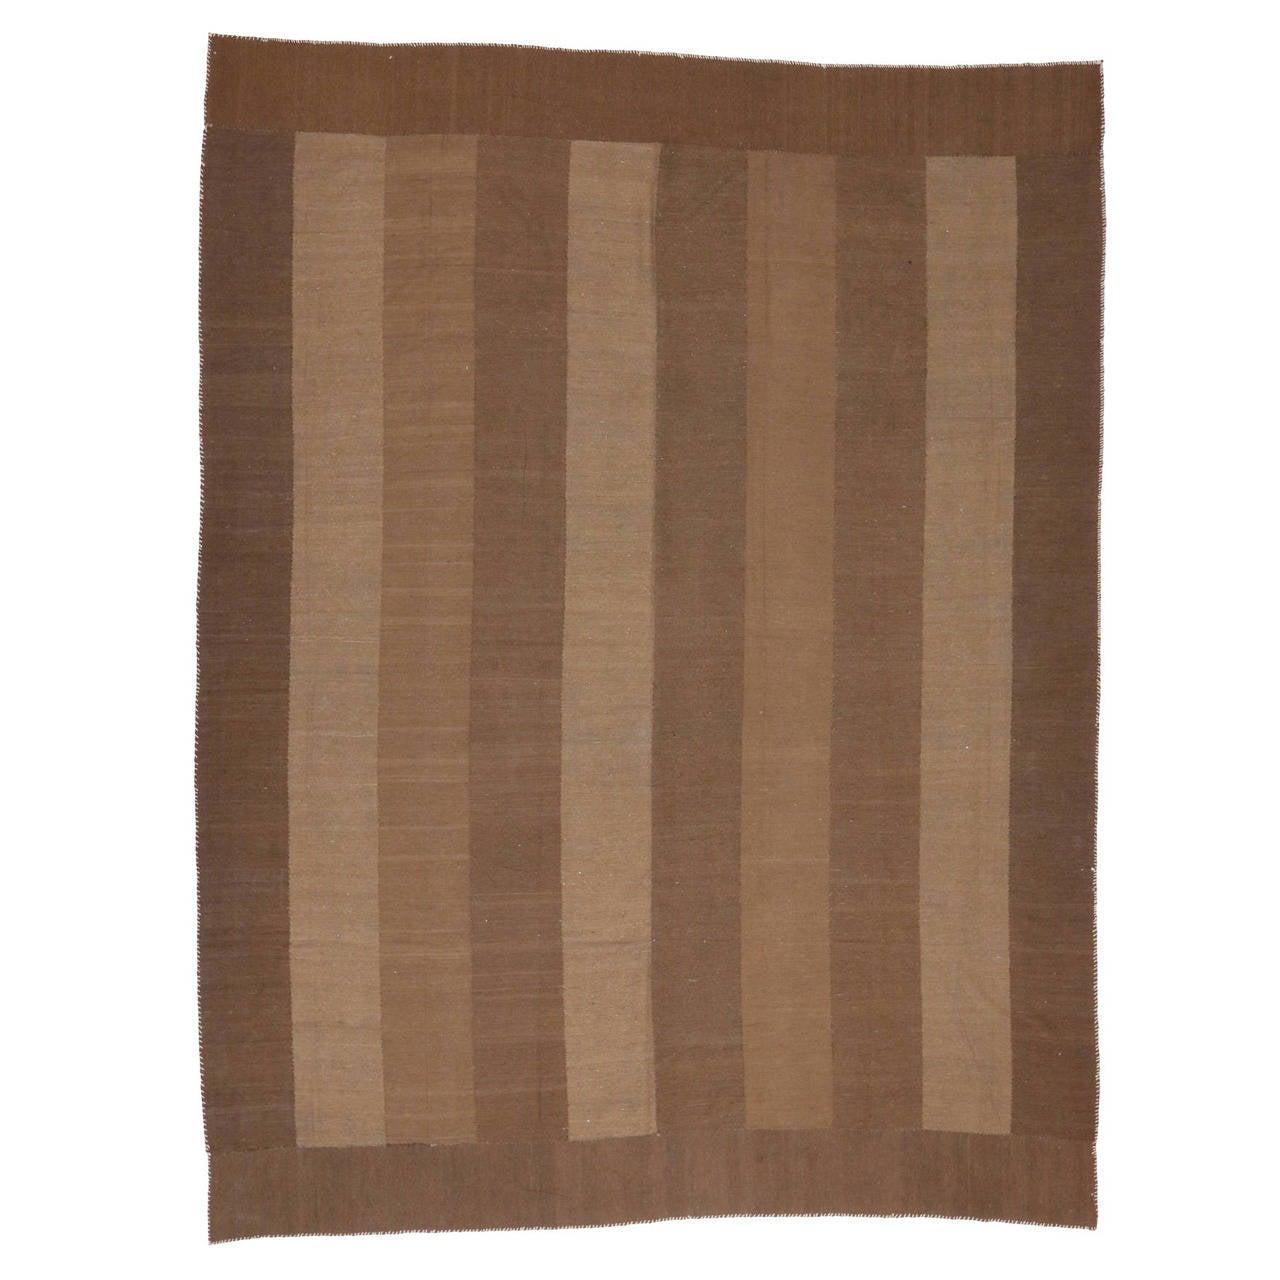 Vintage Persian Oversize Modern Kilim with Minimalist Style, Flatweave Kilim Rug